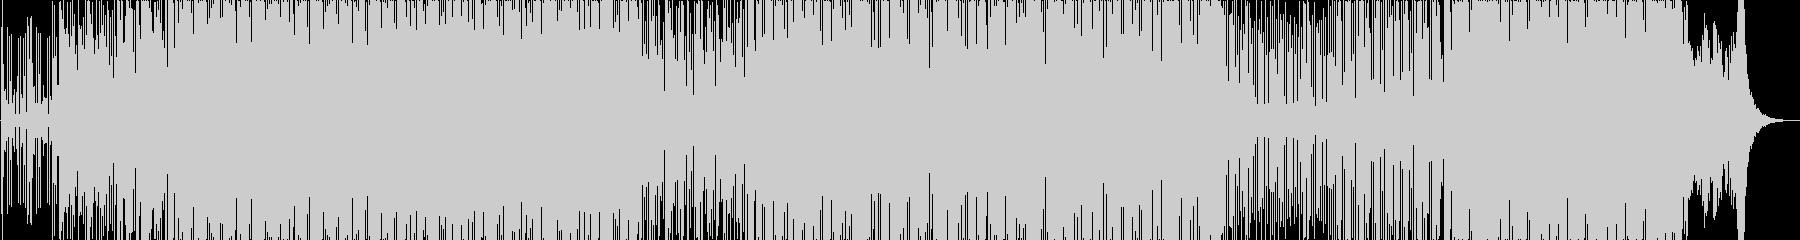 60〜70年代映画音楽風フレンチポップの未再生の波形